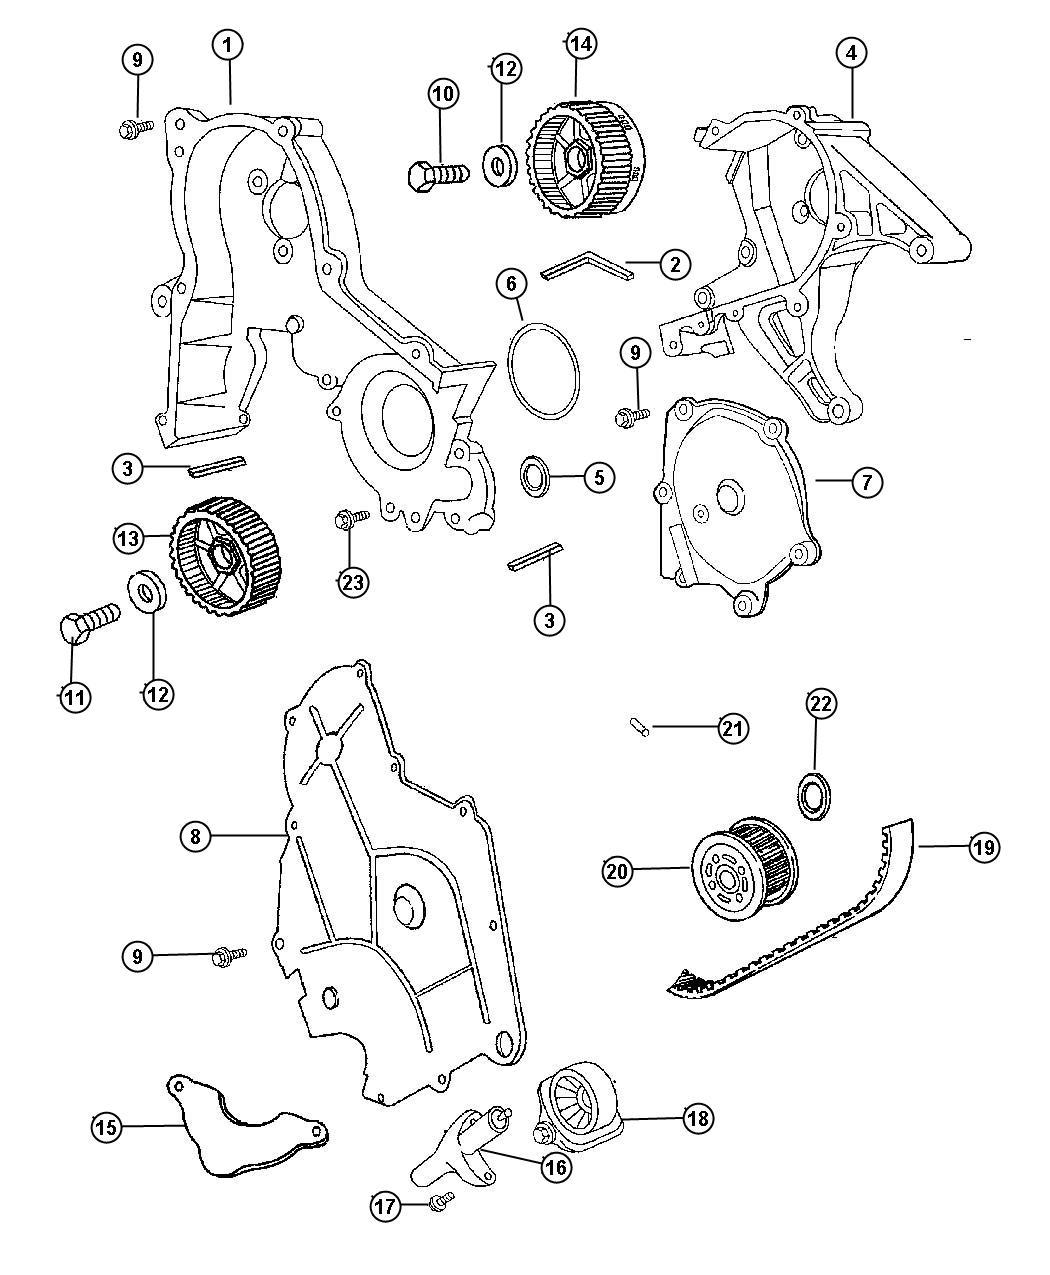 2004 Dodge Intrepid ES 3.5L High Output V6 24V MPI, 4